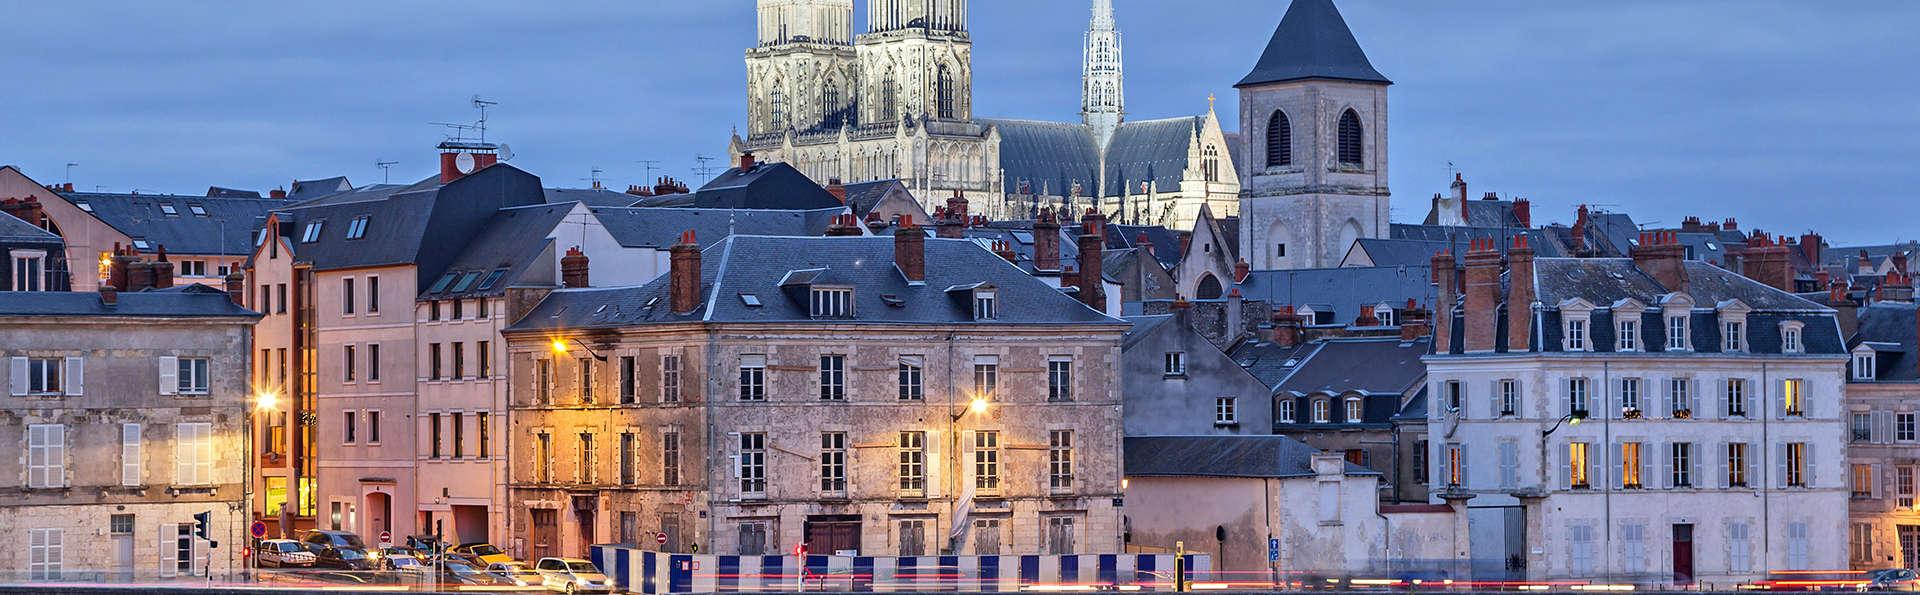 Le Moulin de Villiers - Edit_Orleans.jpg